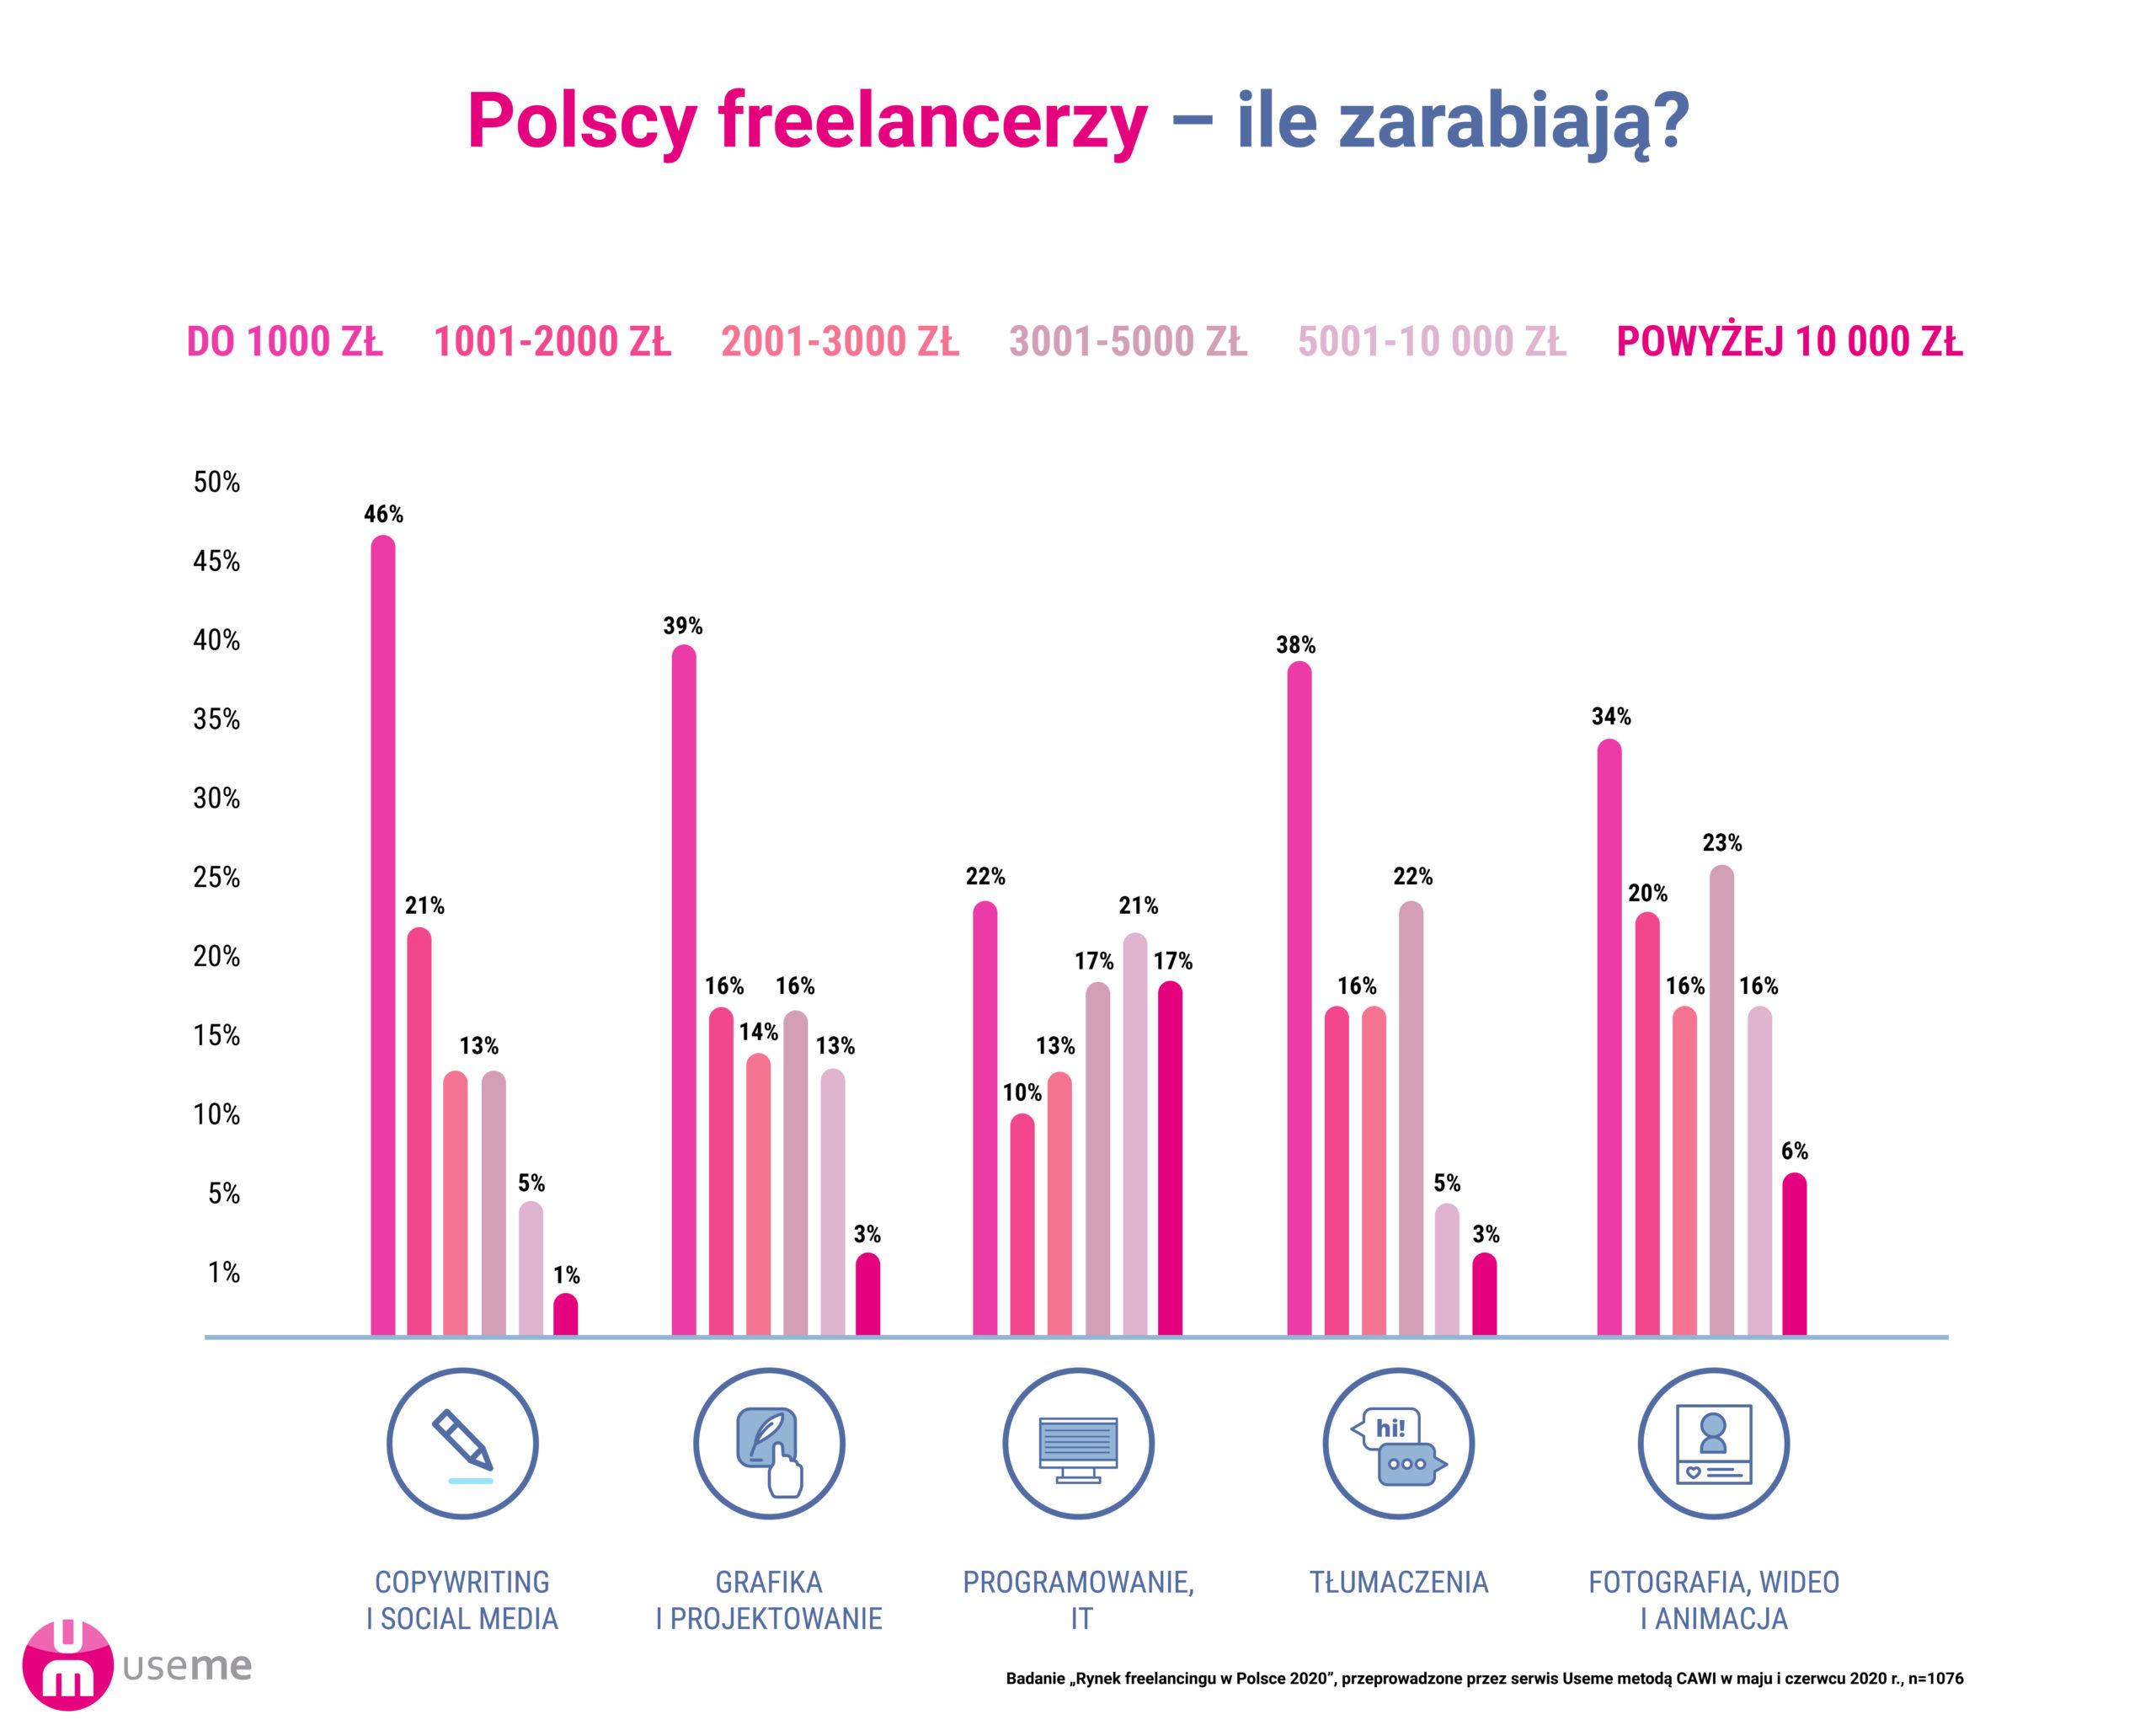 ile zarabiają polscy freelacncerzy